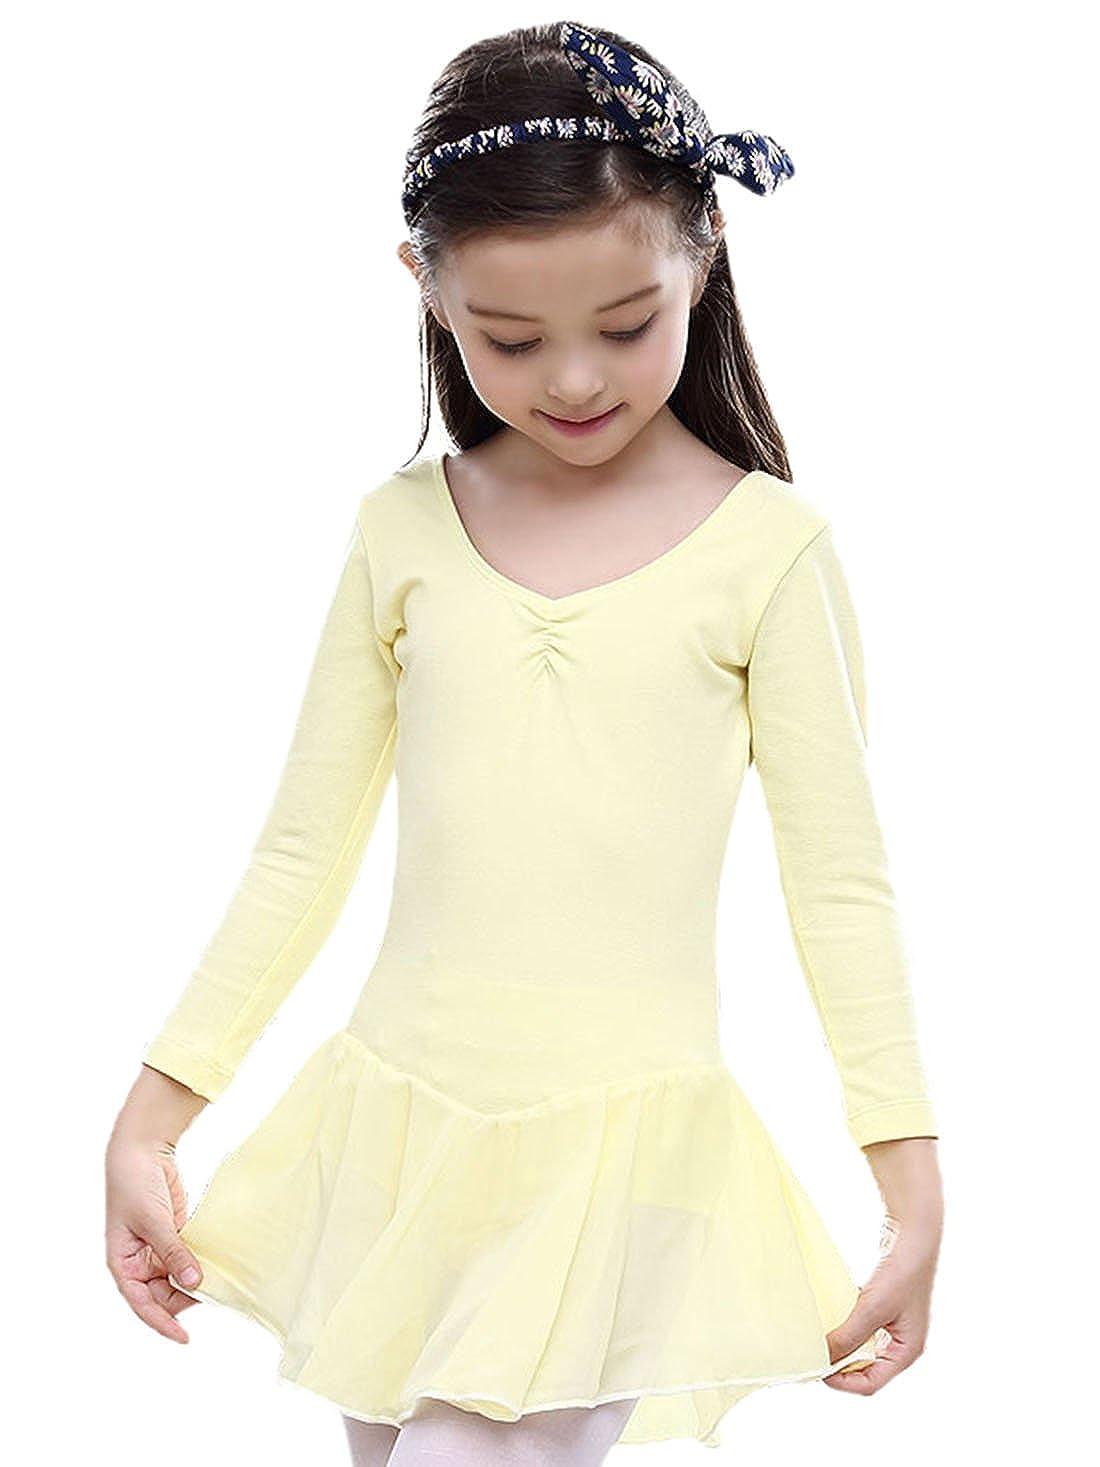 lllzff FEOYA Girls Dance Ballet Leotard Cotton Blend Long Sleeve Dancing Dress